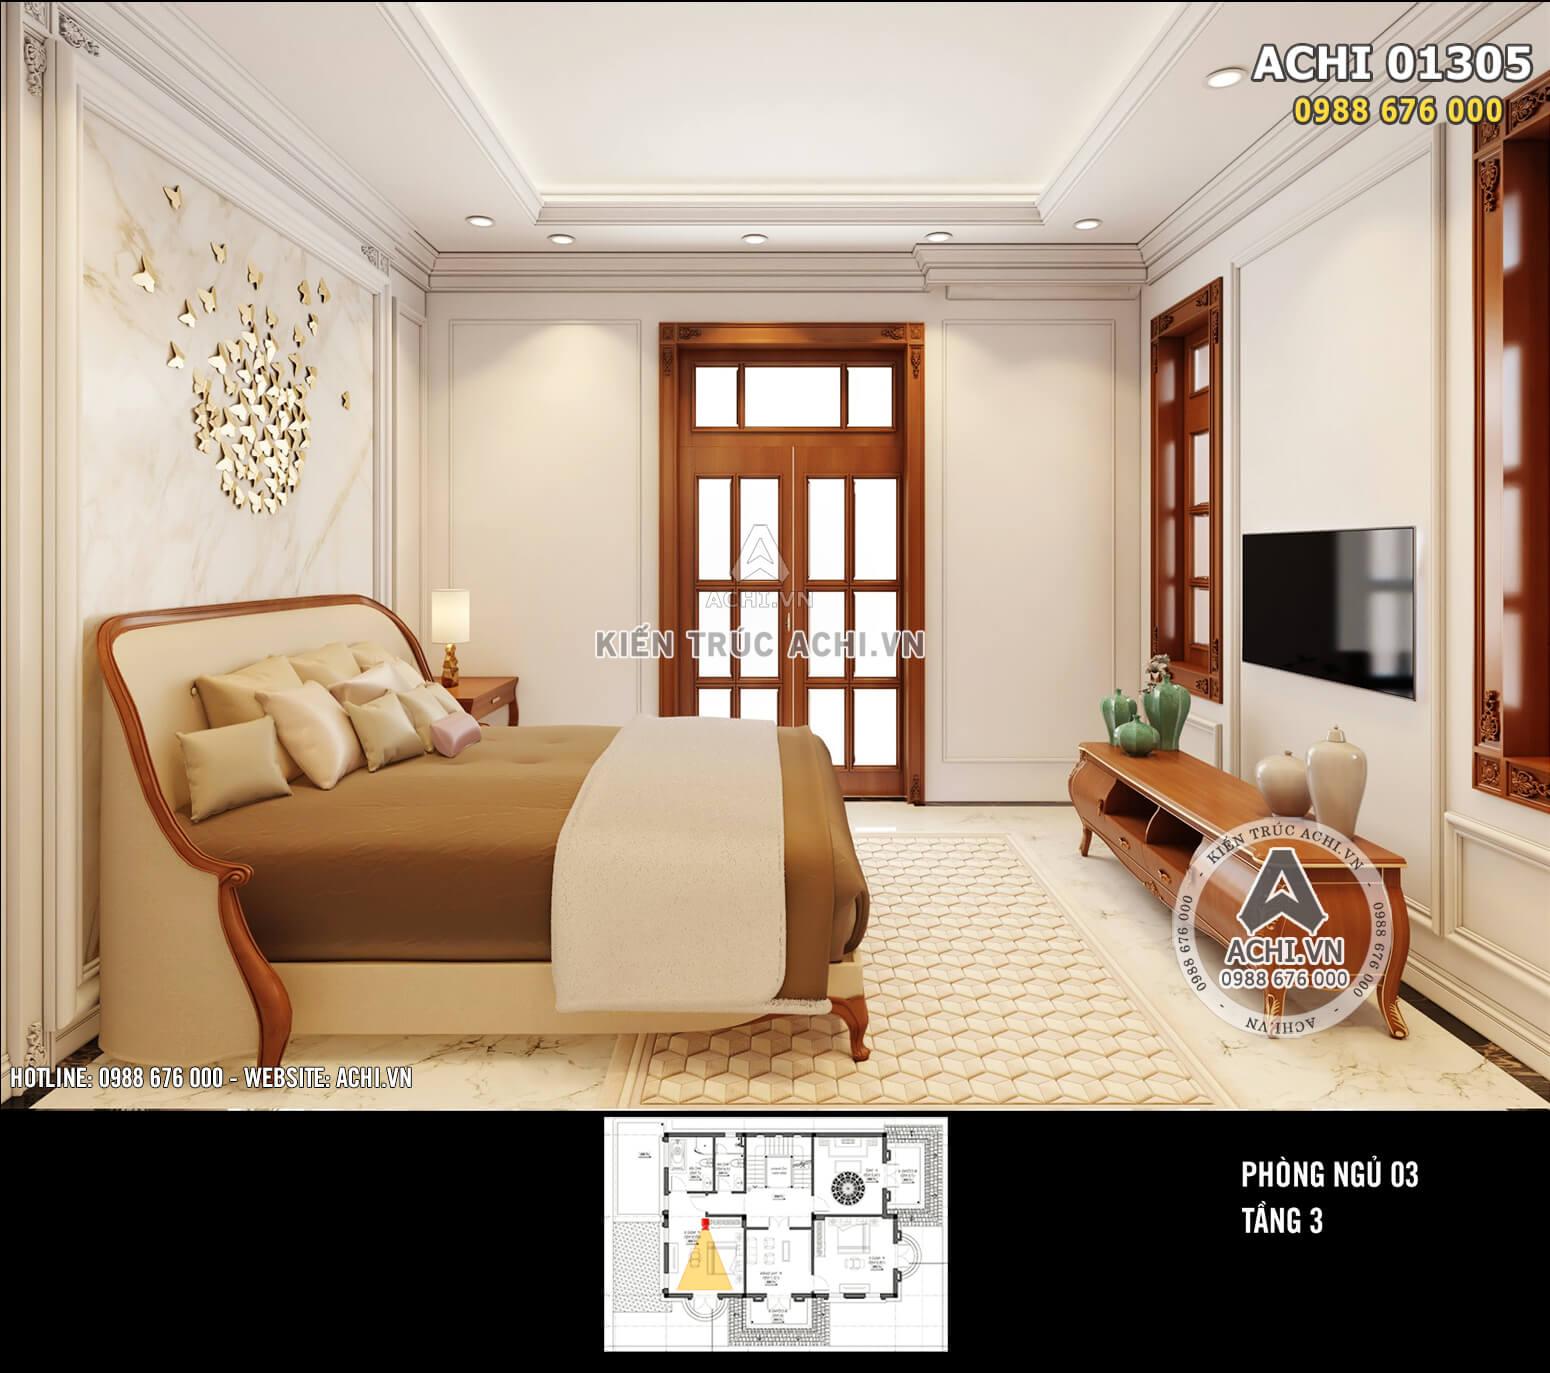 Mẫu thiết kế nội thất đẹp phong cách tân cổ điển - ACHI 01305